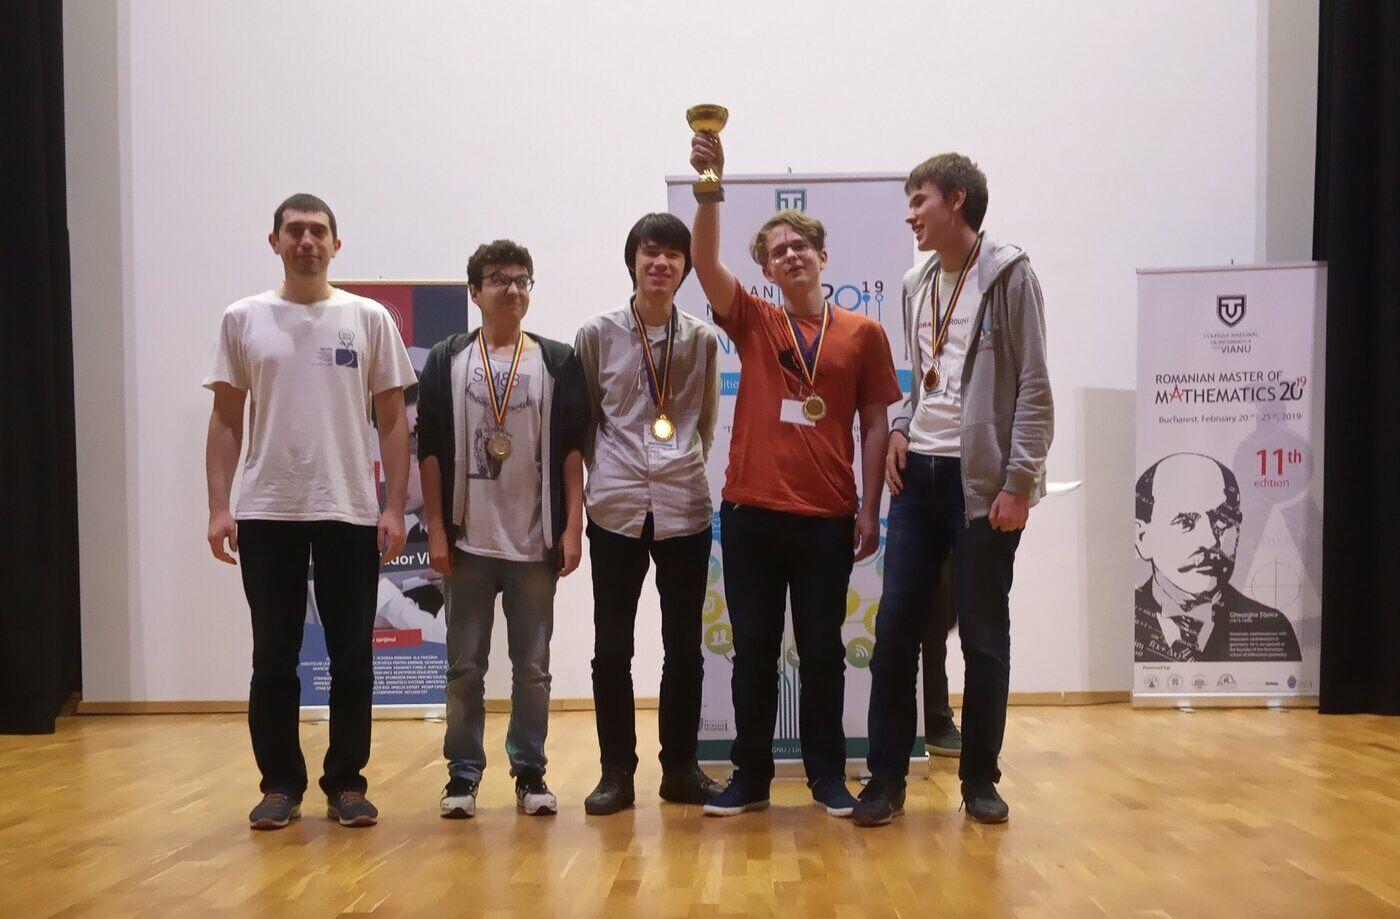 Кубок победителей международного соревнования по программированию Romanian Master Of Informatics